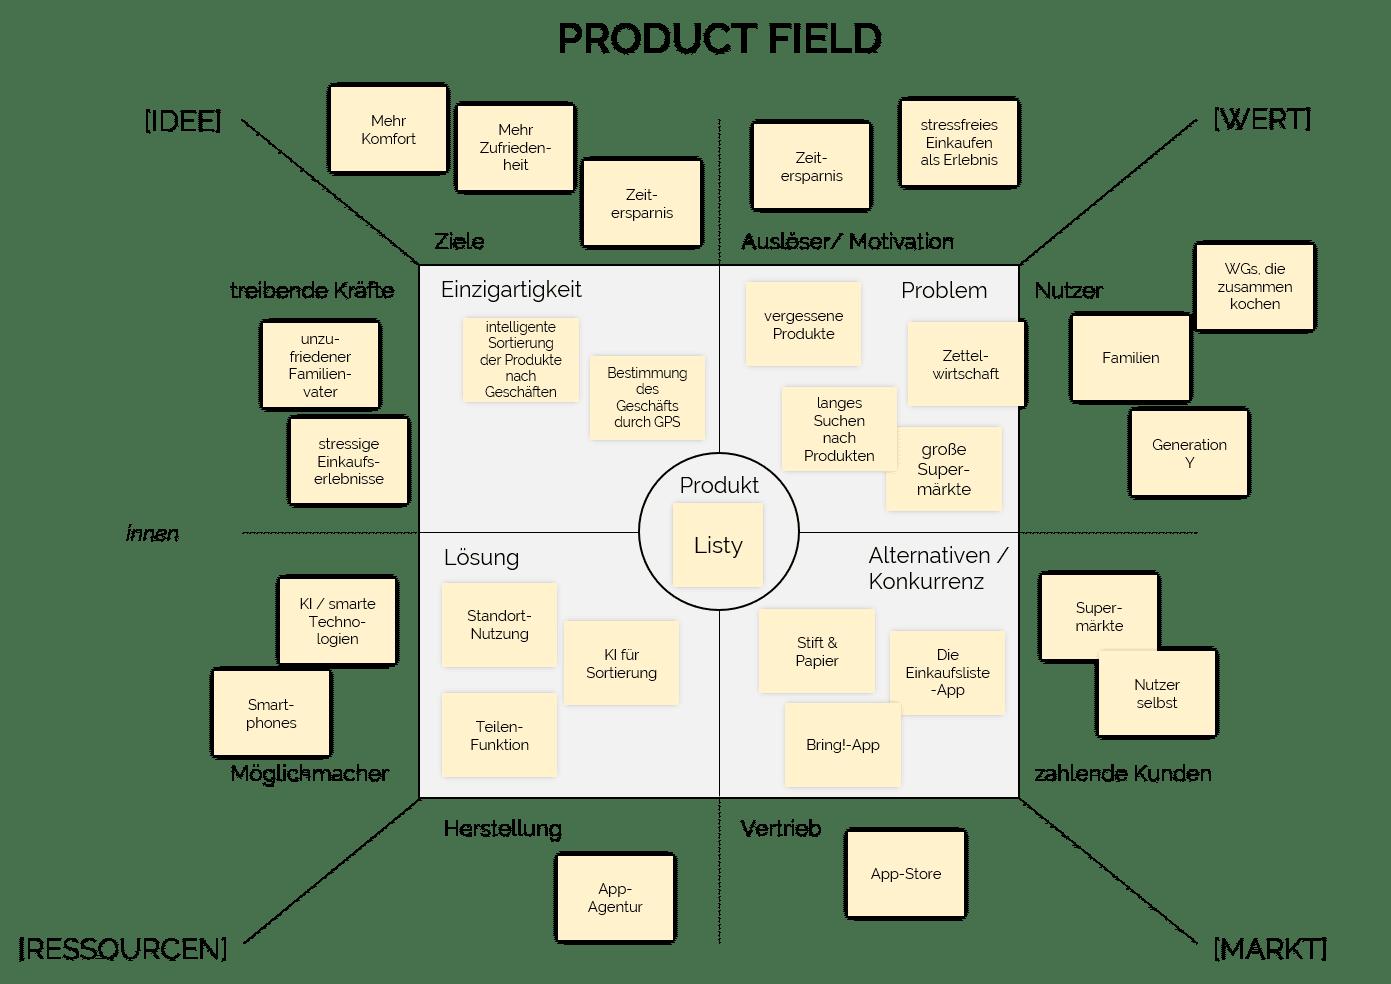 Beispiel Product Field anhand einer Einkaufslisten-App